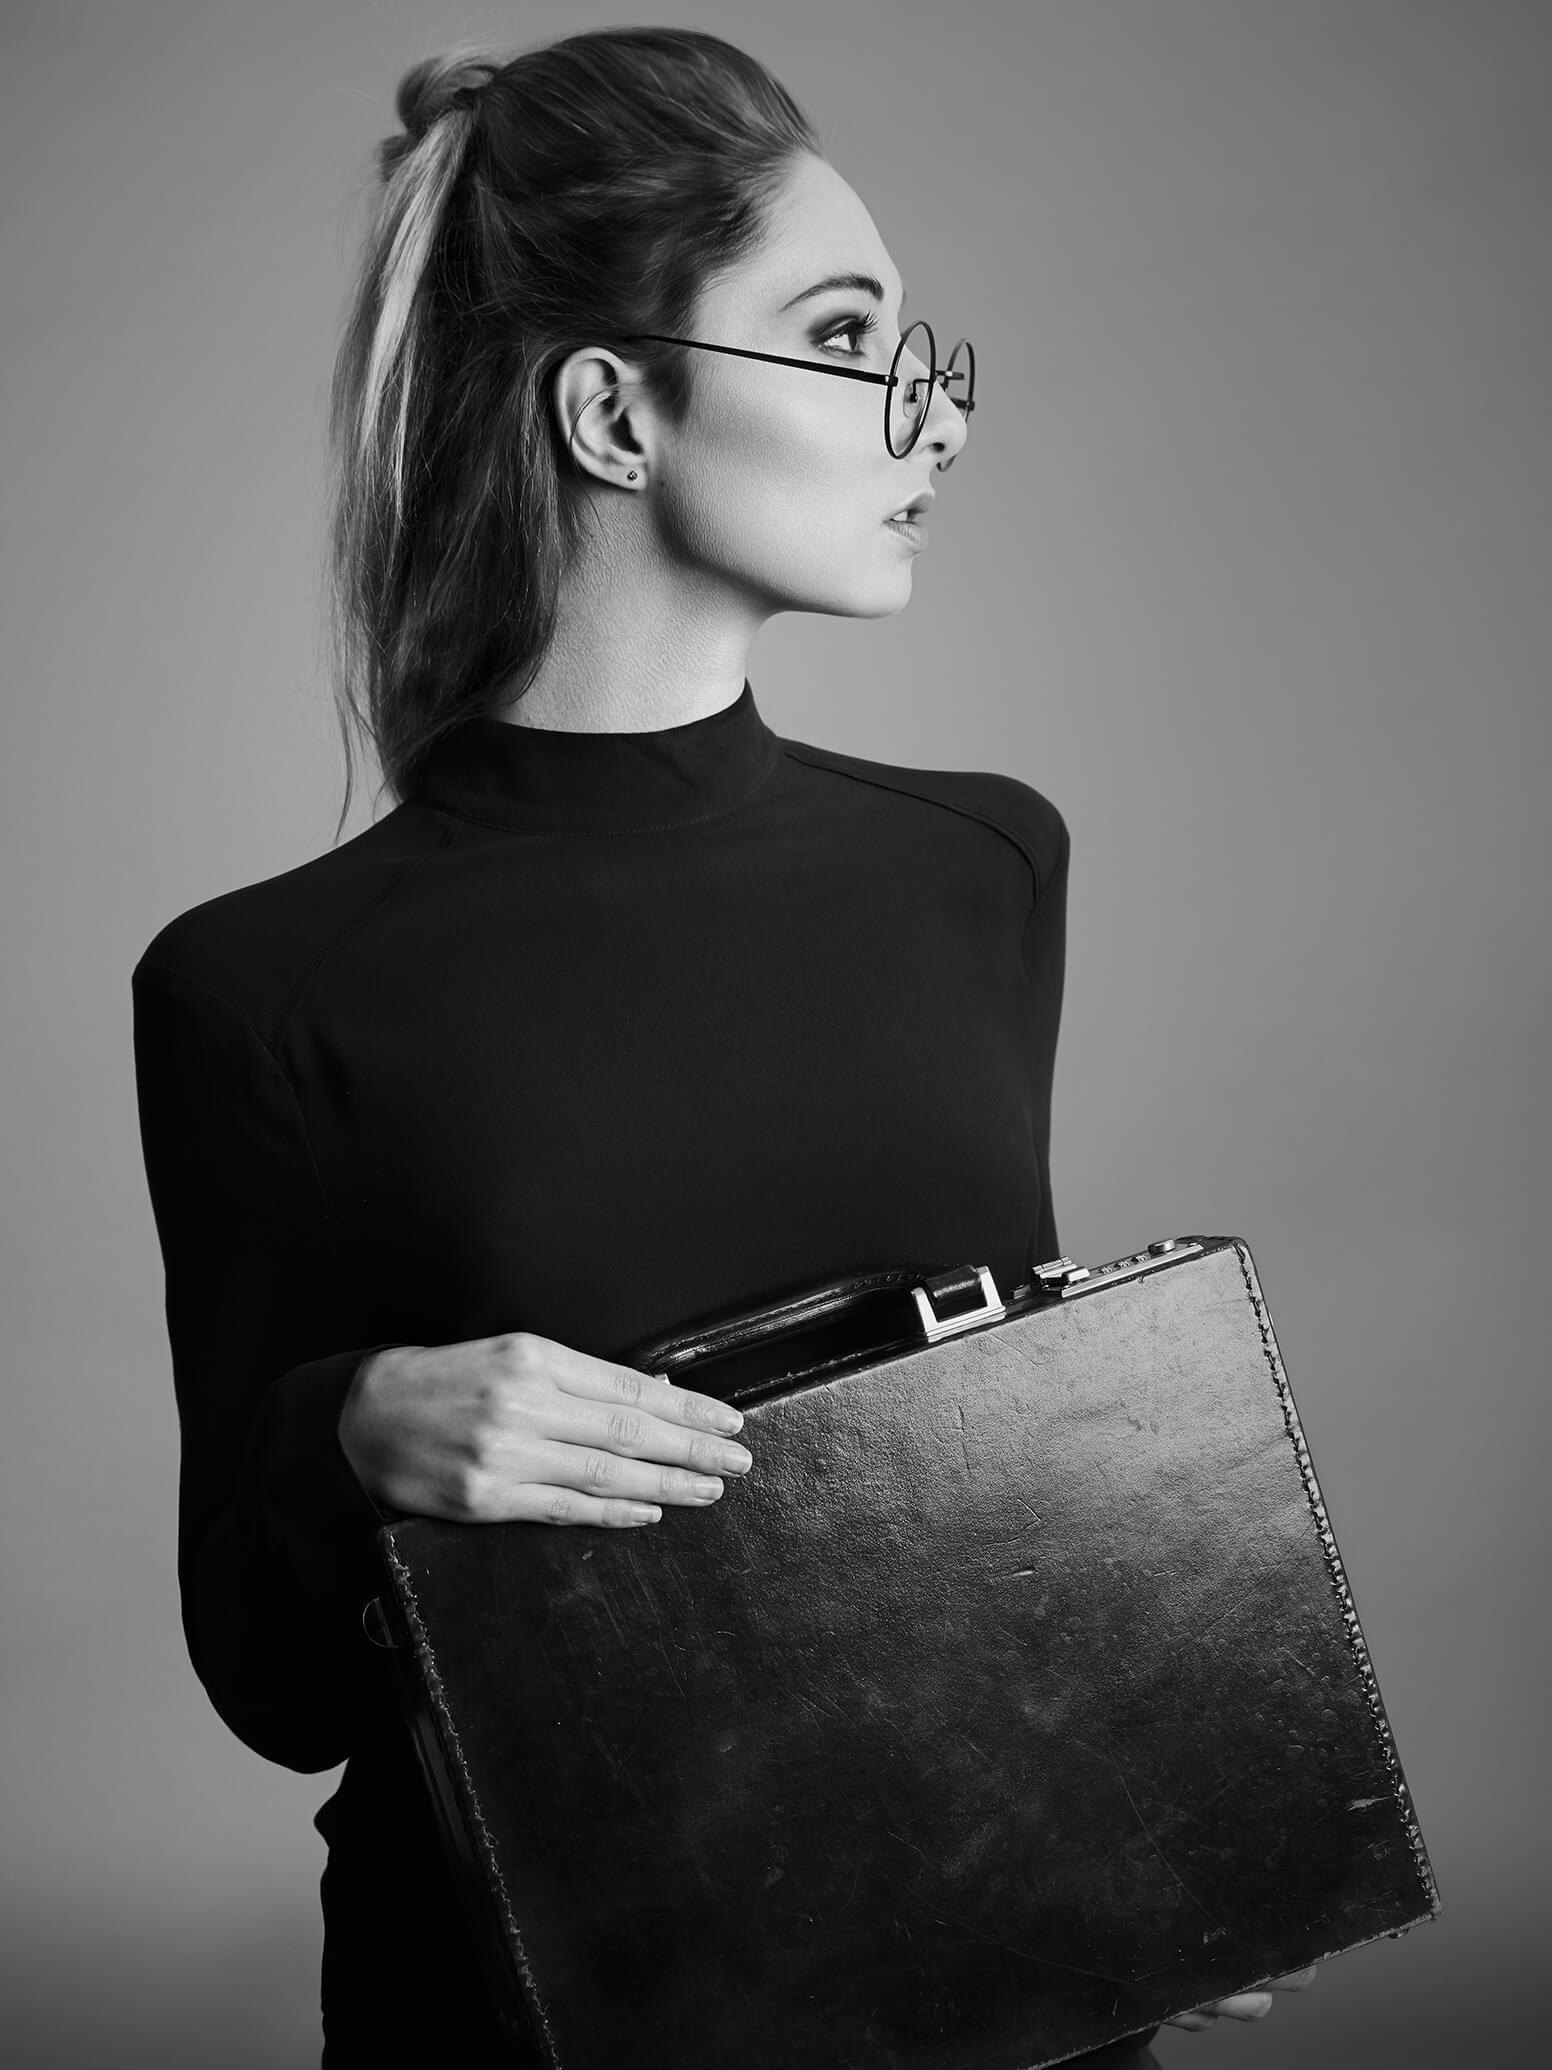 cpfotografie-fotograf-flawil-ostschweiz-model-mit-koffer Portrait Fotografie Blog Portrait